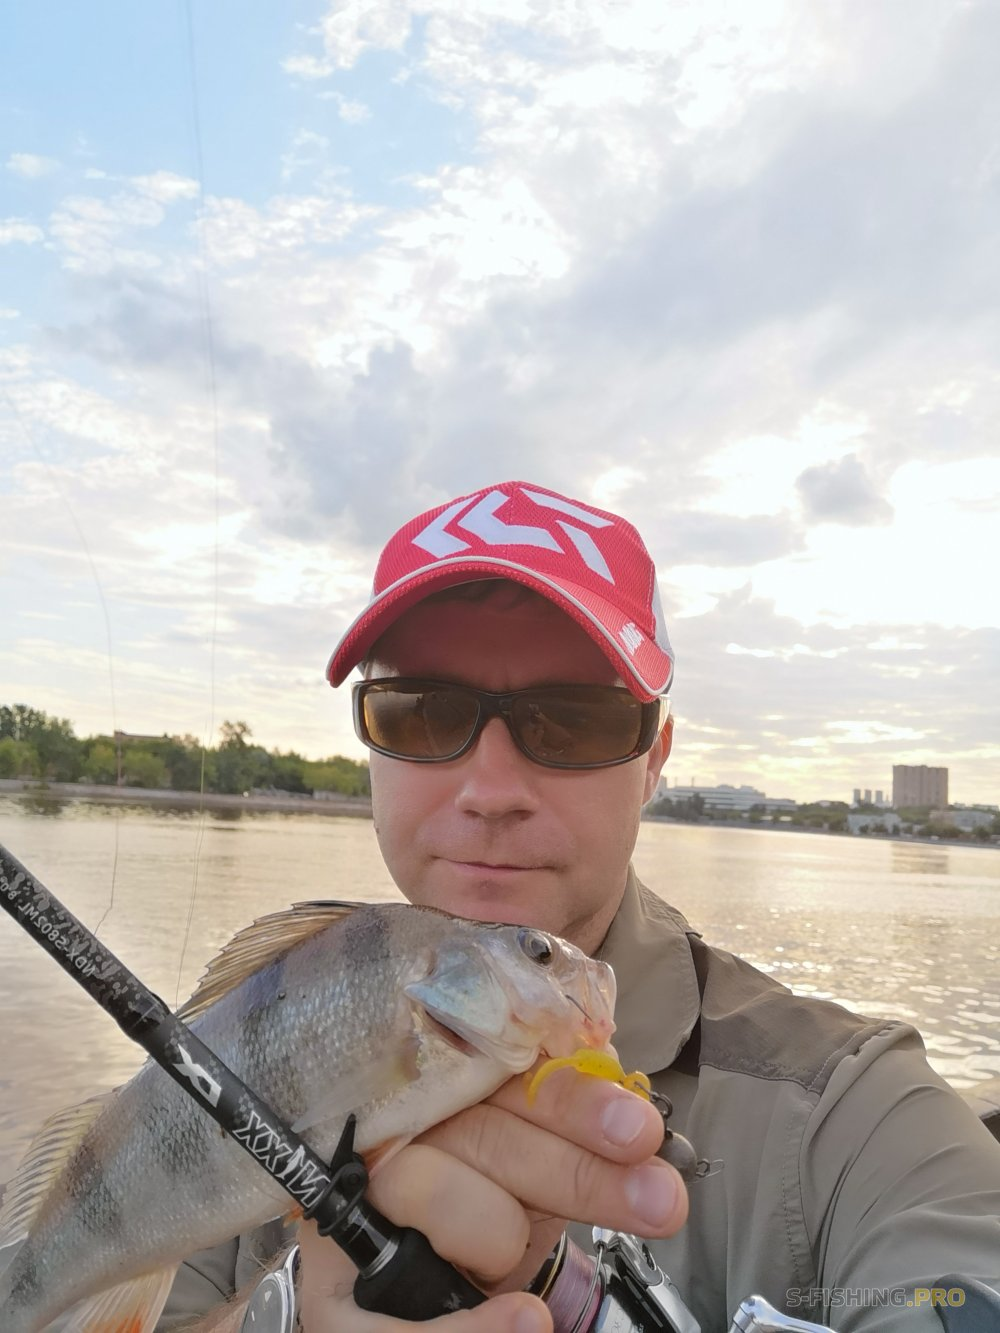 Отчеты с водоемов: Рыбалка после рабочего дня